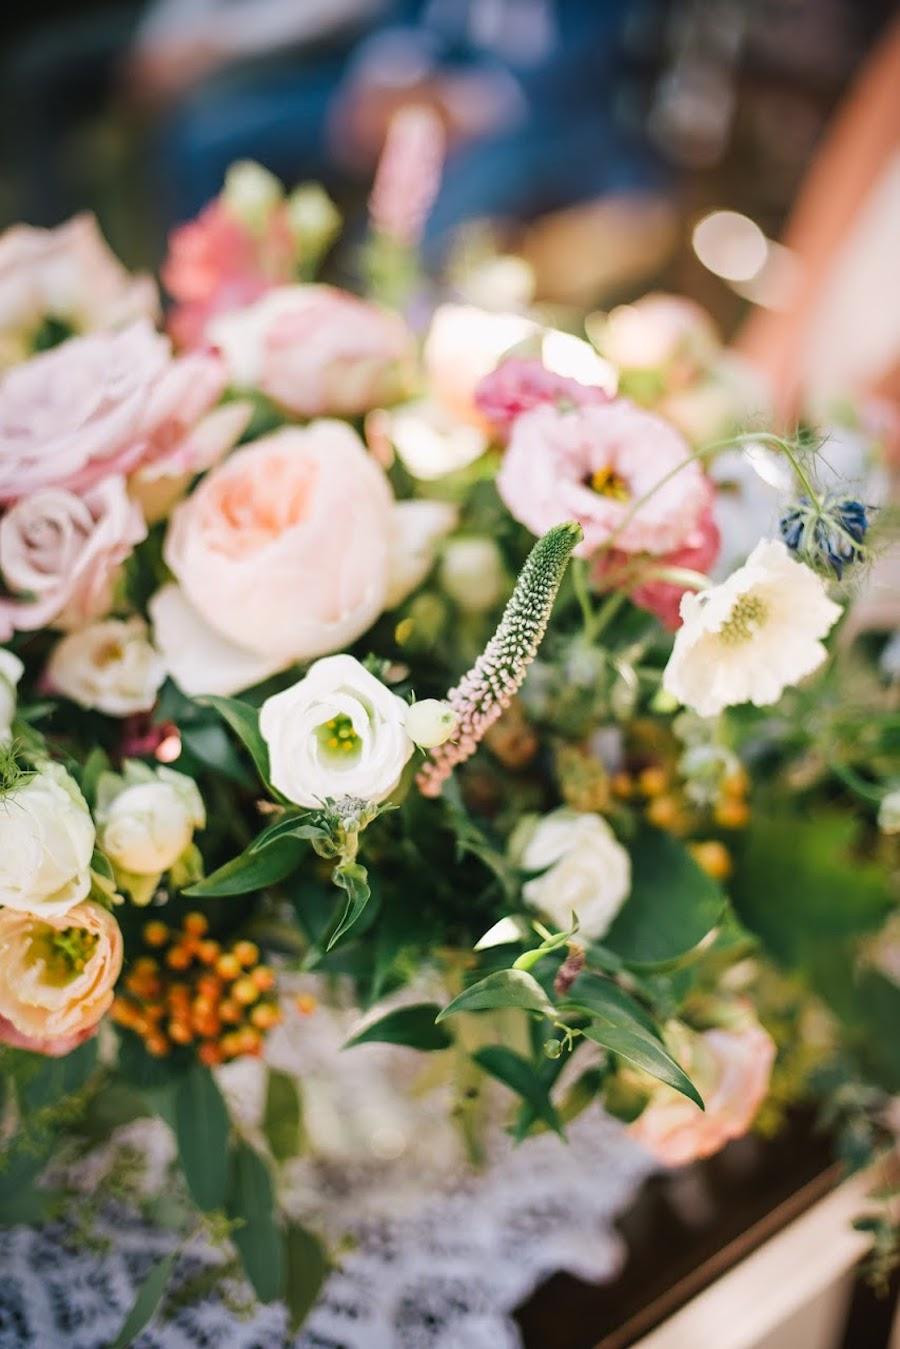 allestimento con fiori dai colori pastello